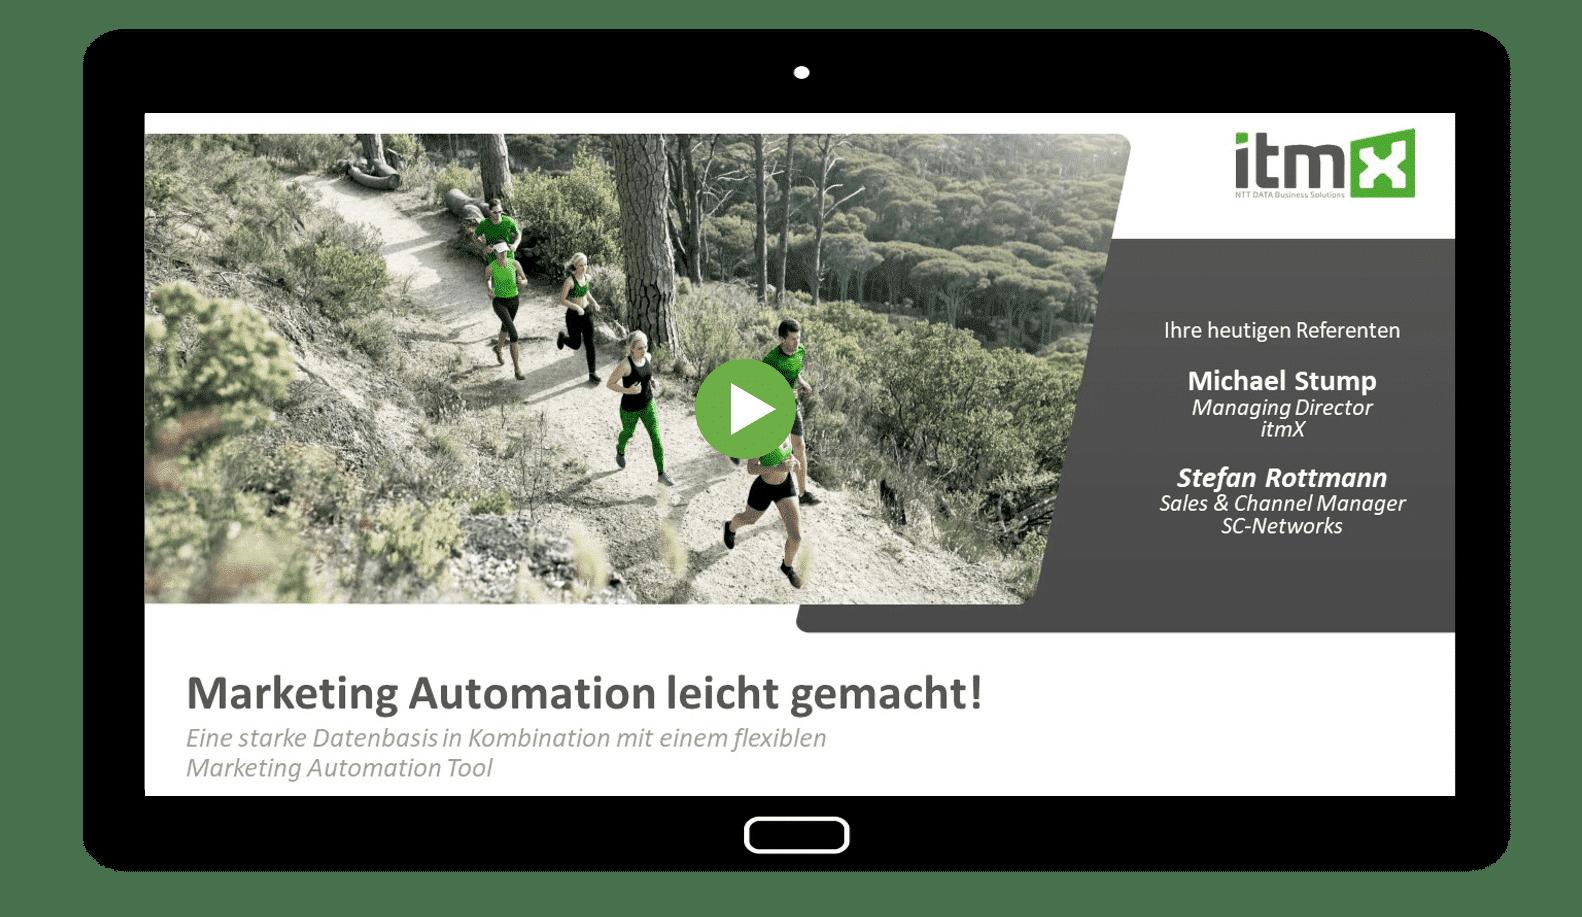 Webinar: Marketing Automation leicht gemacht